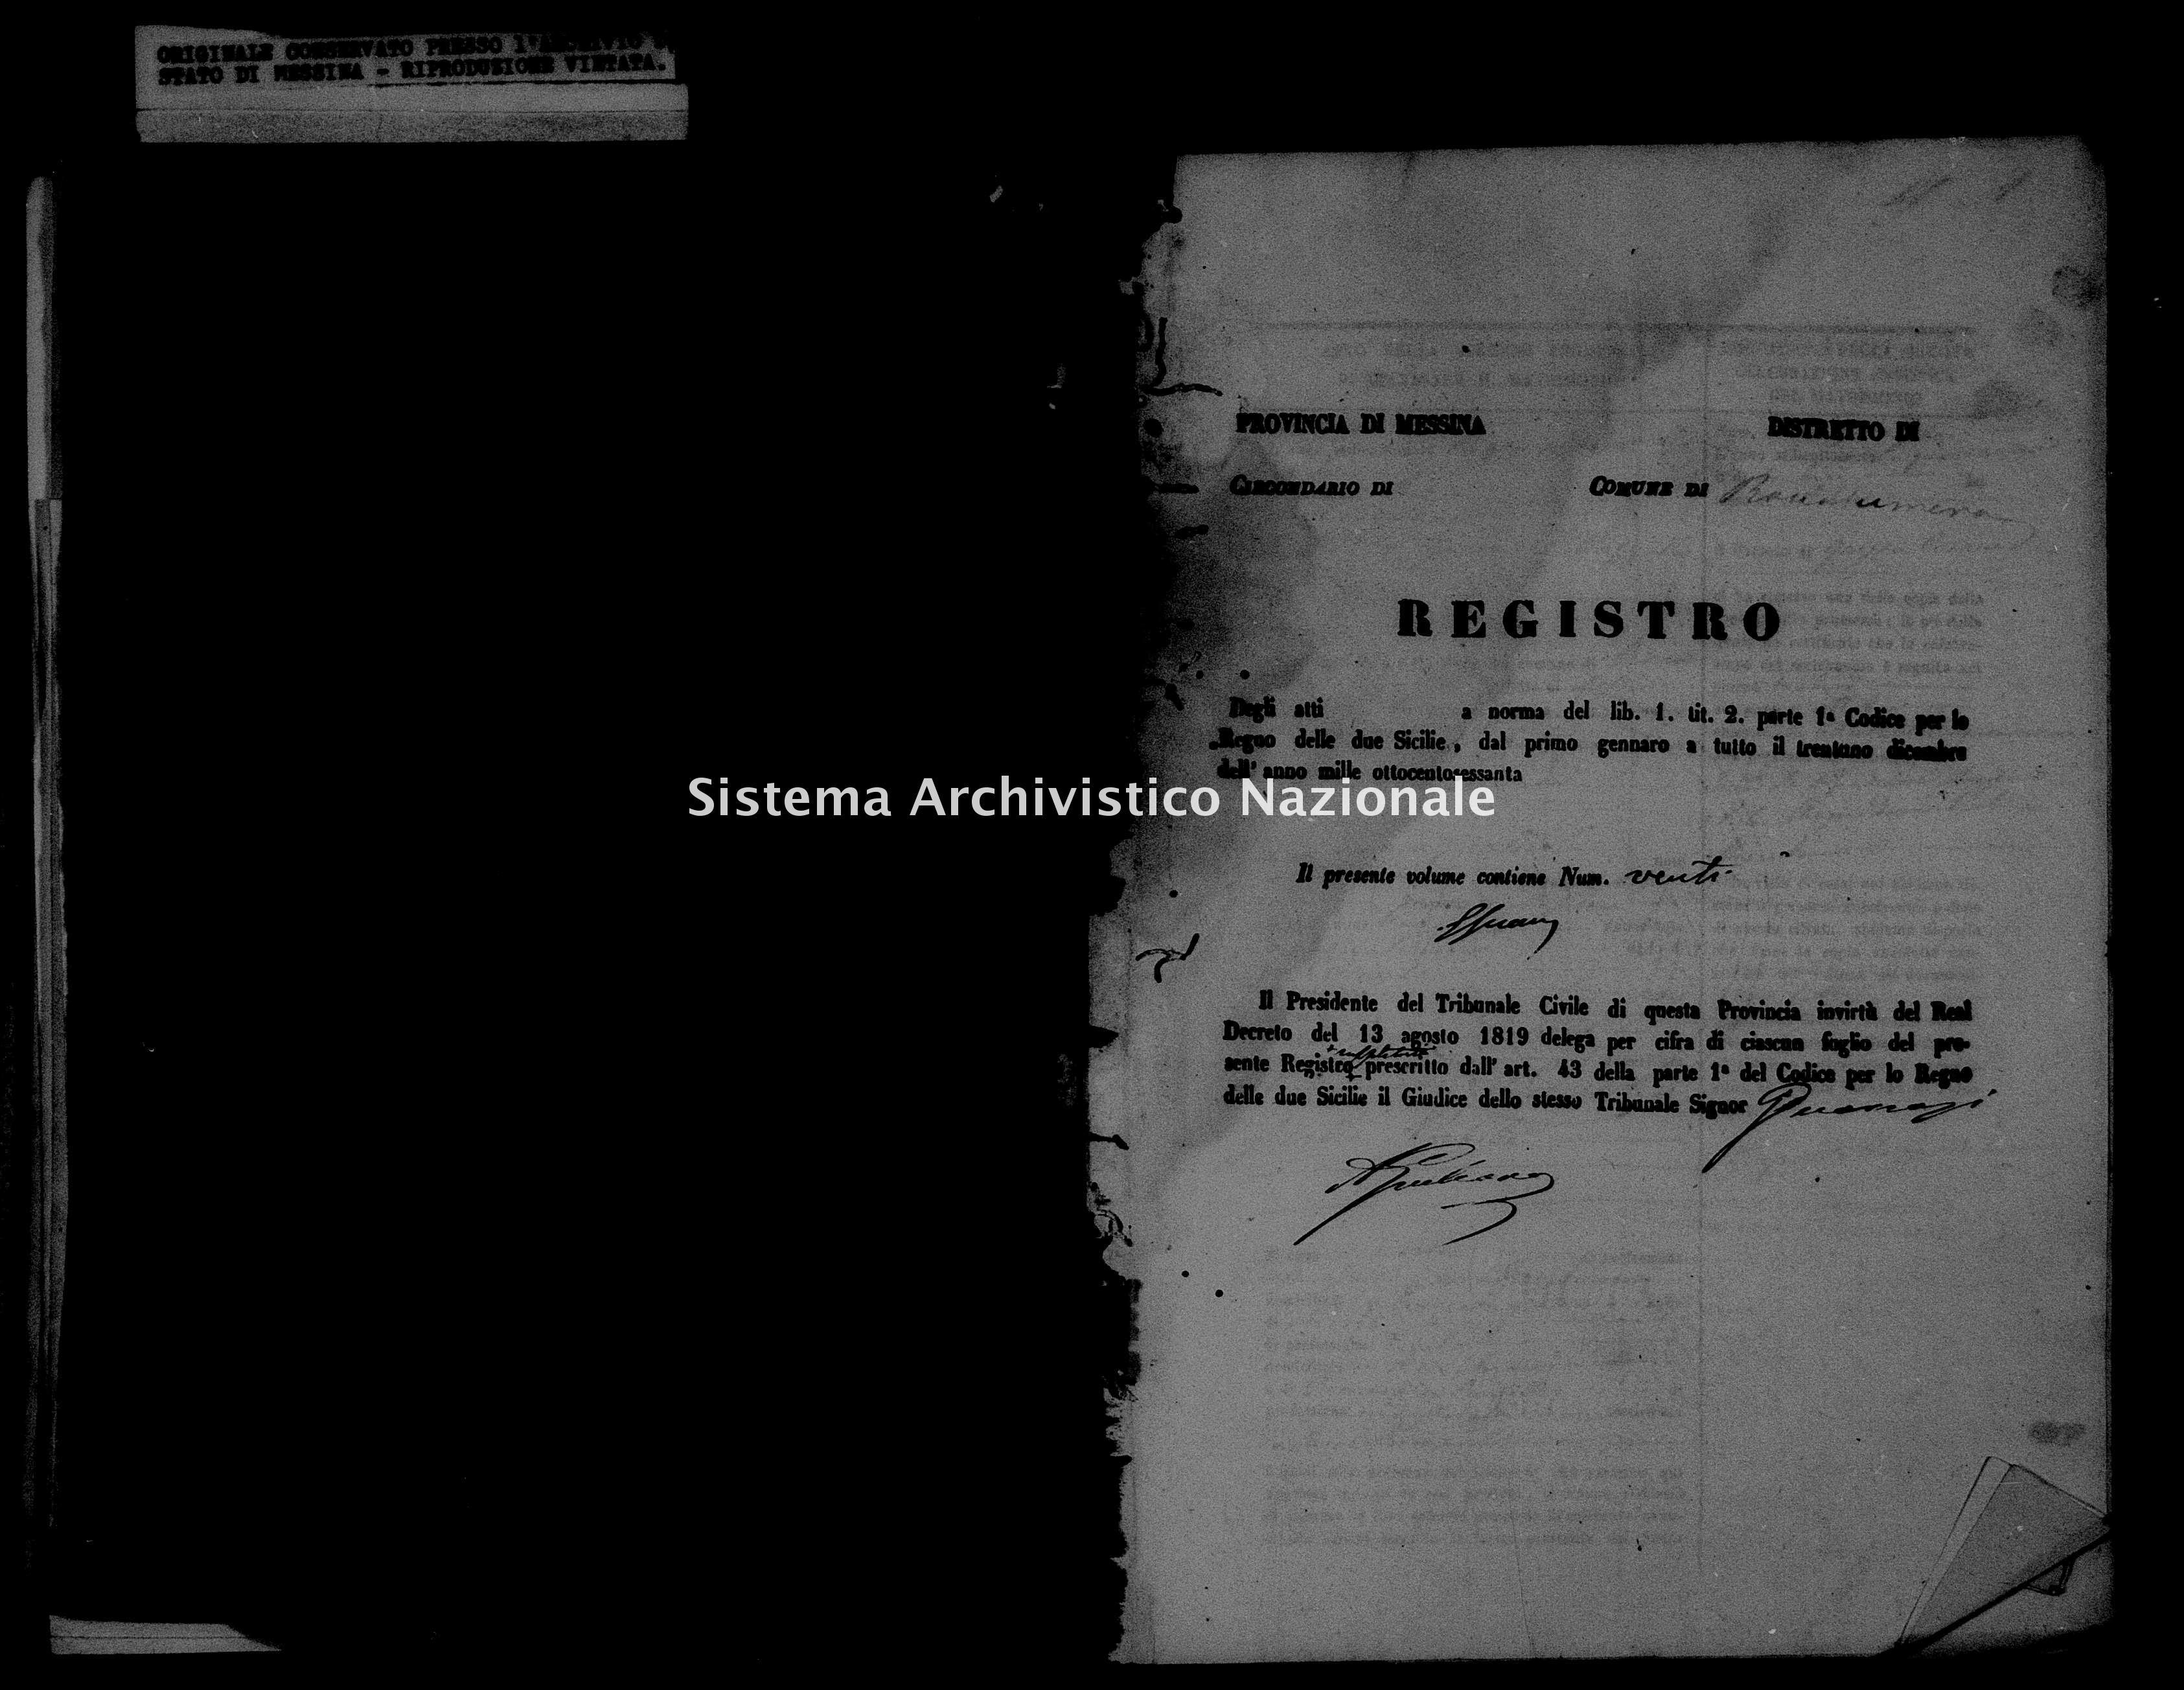 Archivio di stato di Messina - Stato civile della restaurazione - Roccalumera - Matrimoni - 06/10/1859-31/12/1859 - 1110 -